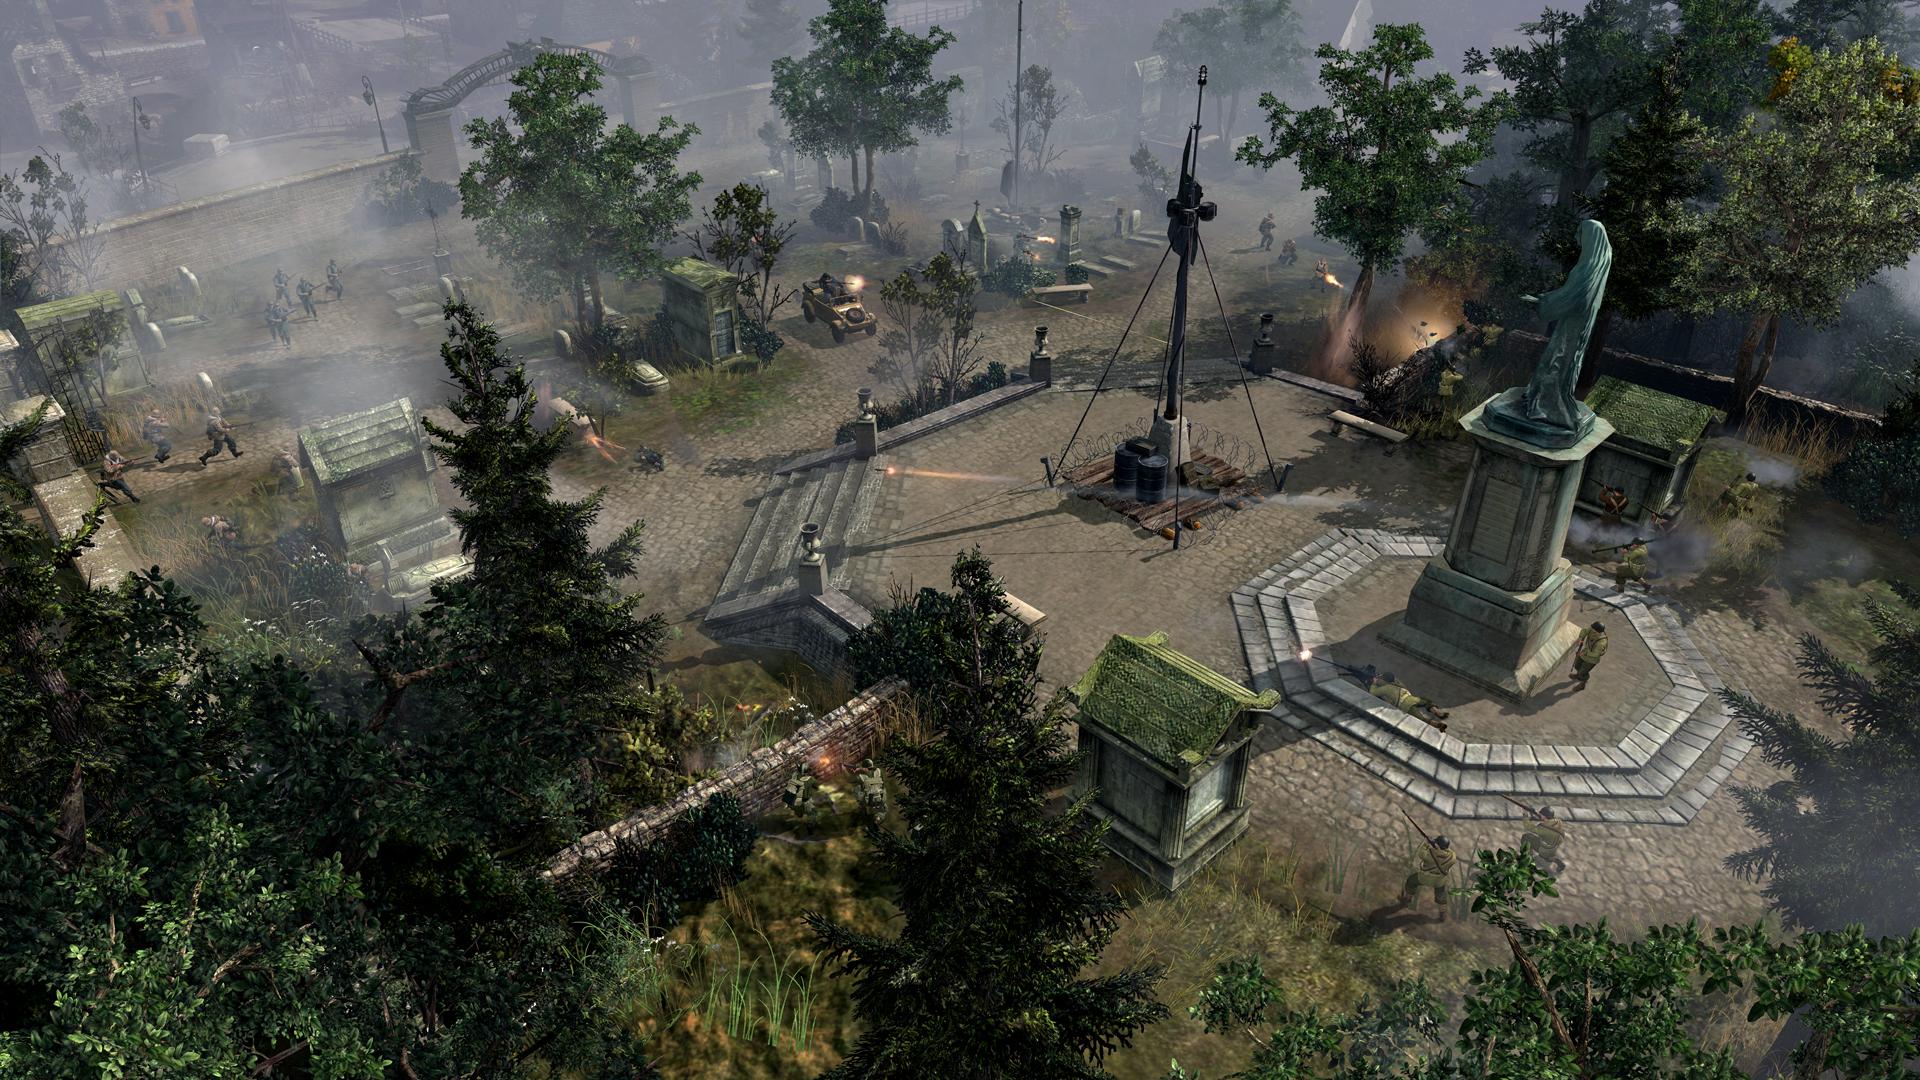 com.steam.287371-screenshot